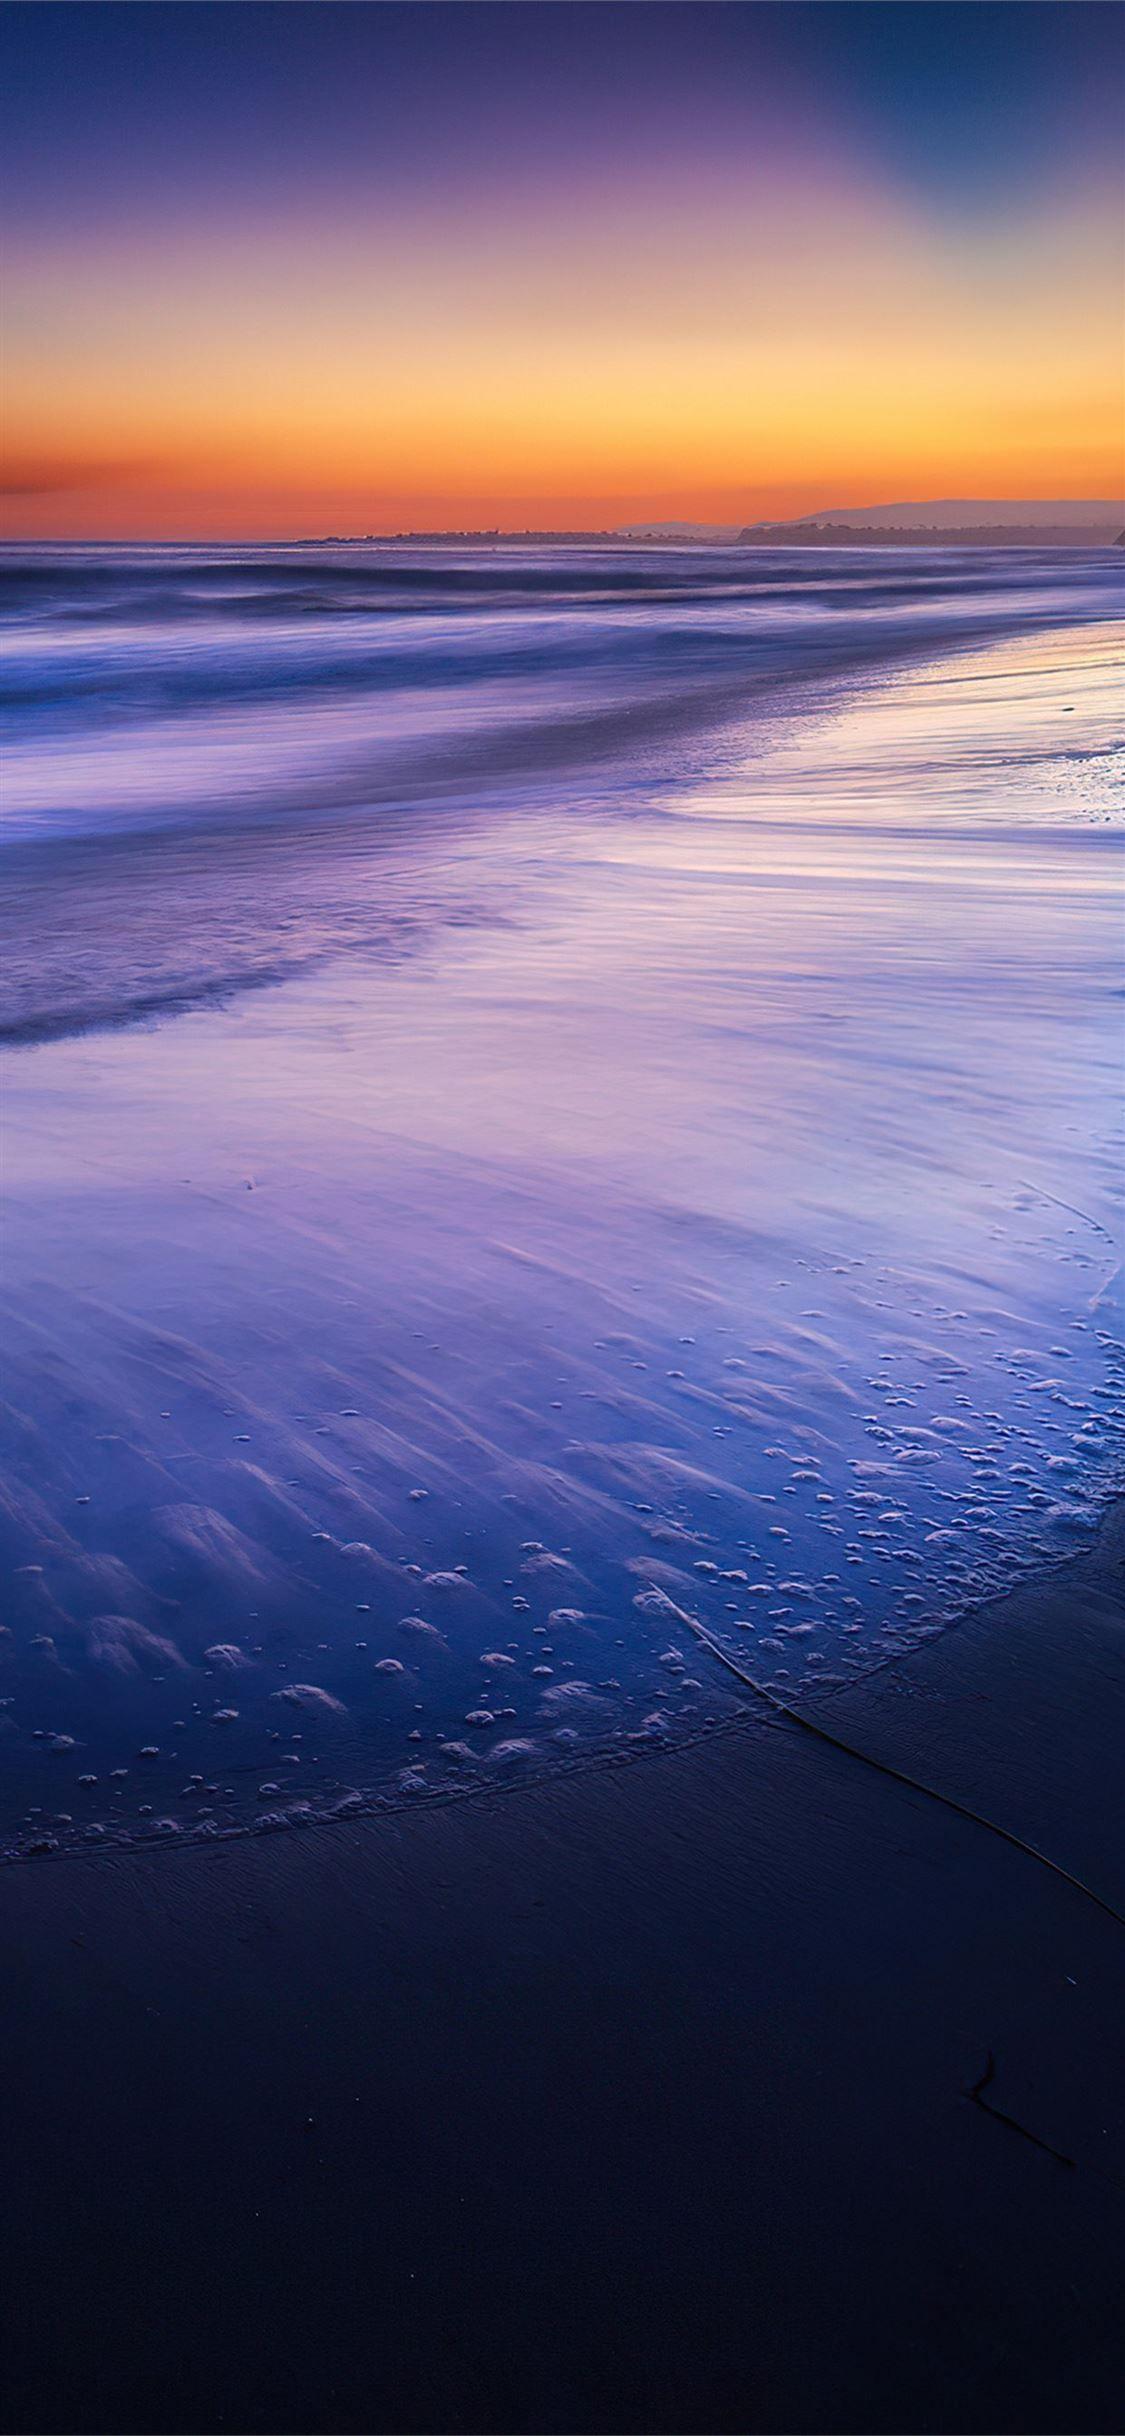 Silent Beach Wave Sunset 4k Beach Sunset Nature 4k Iphone11wallpaper In 2020 Sunset Wallpaper Sunset Beach Waves